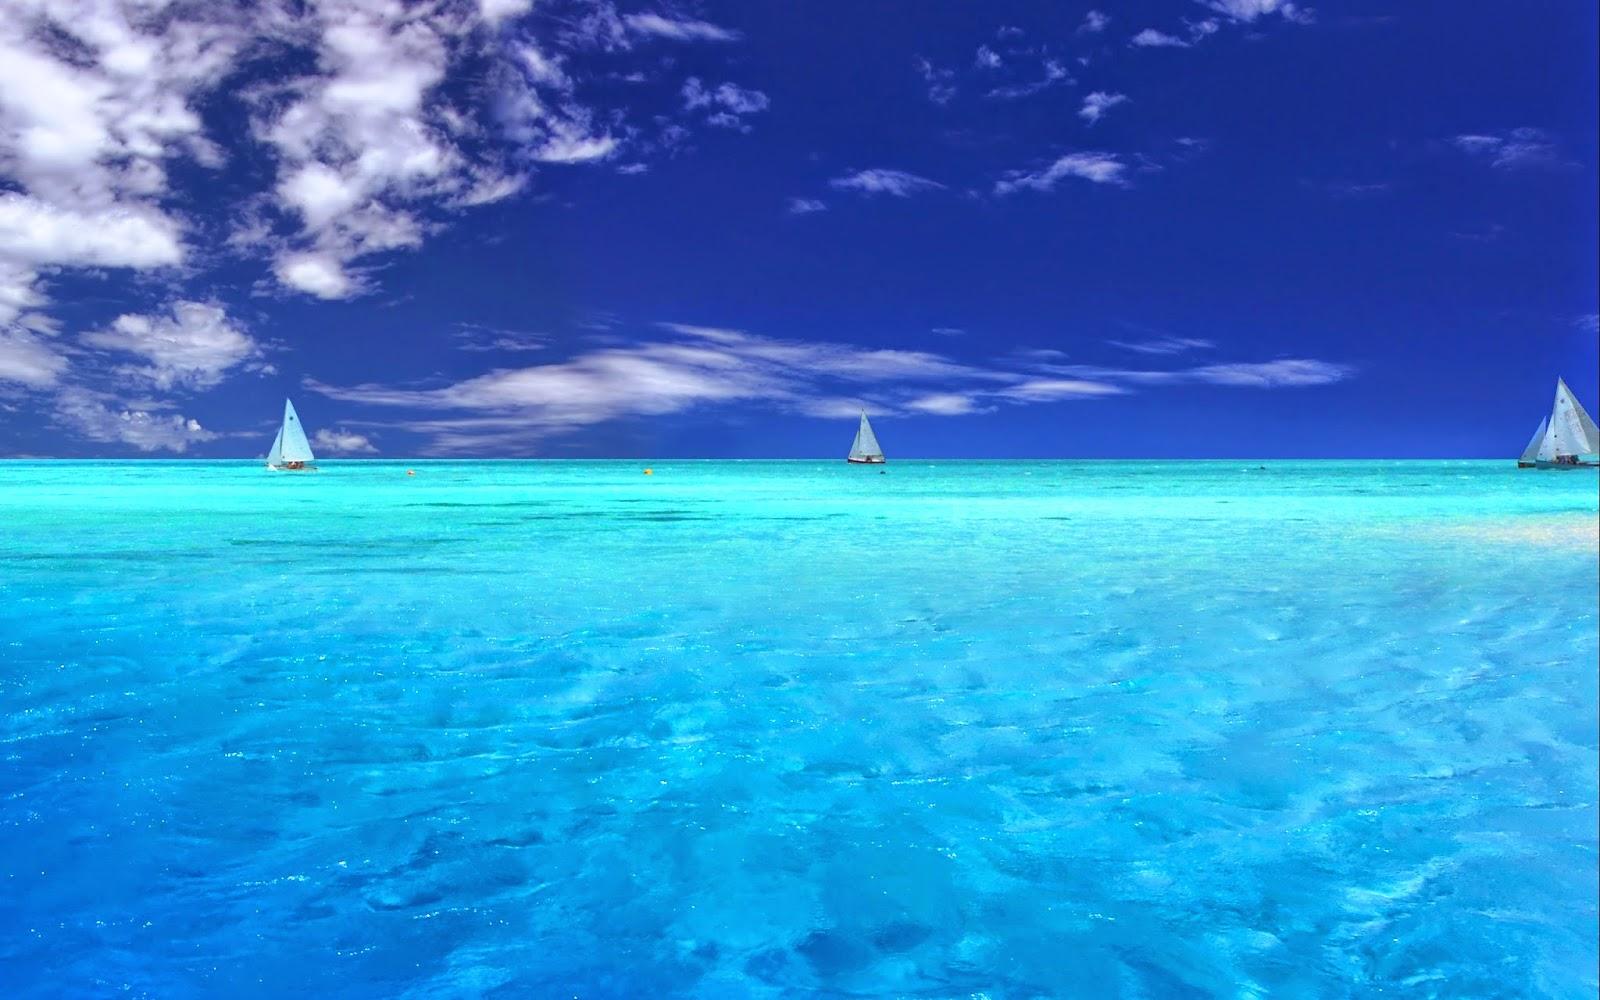 Wide ocean wallpaper